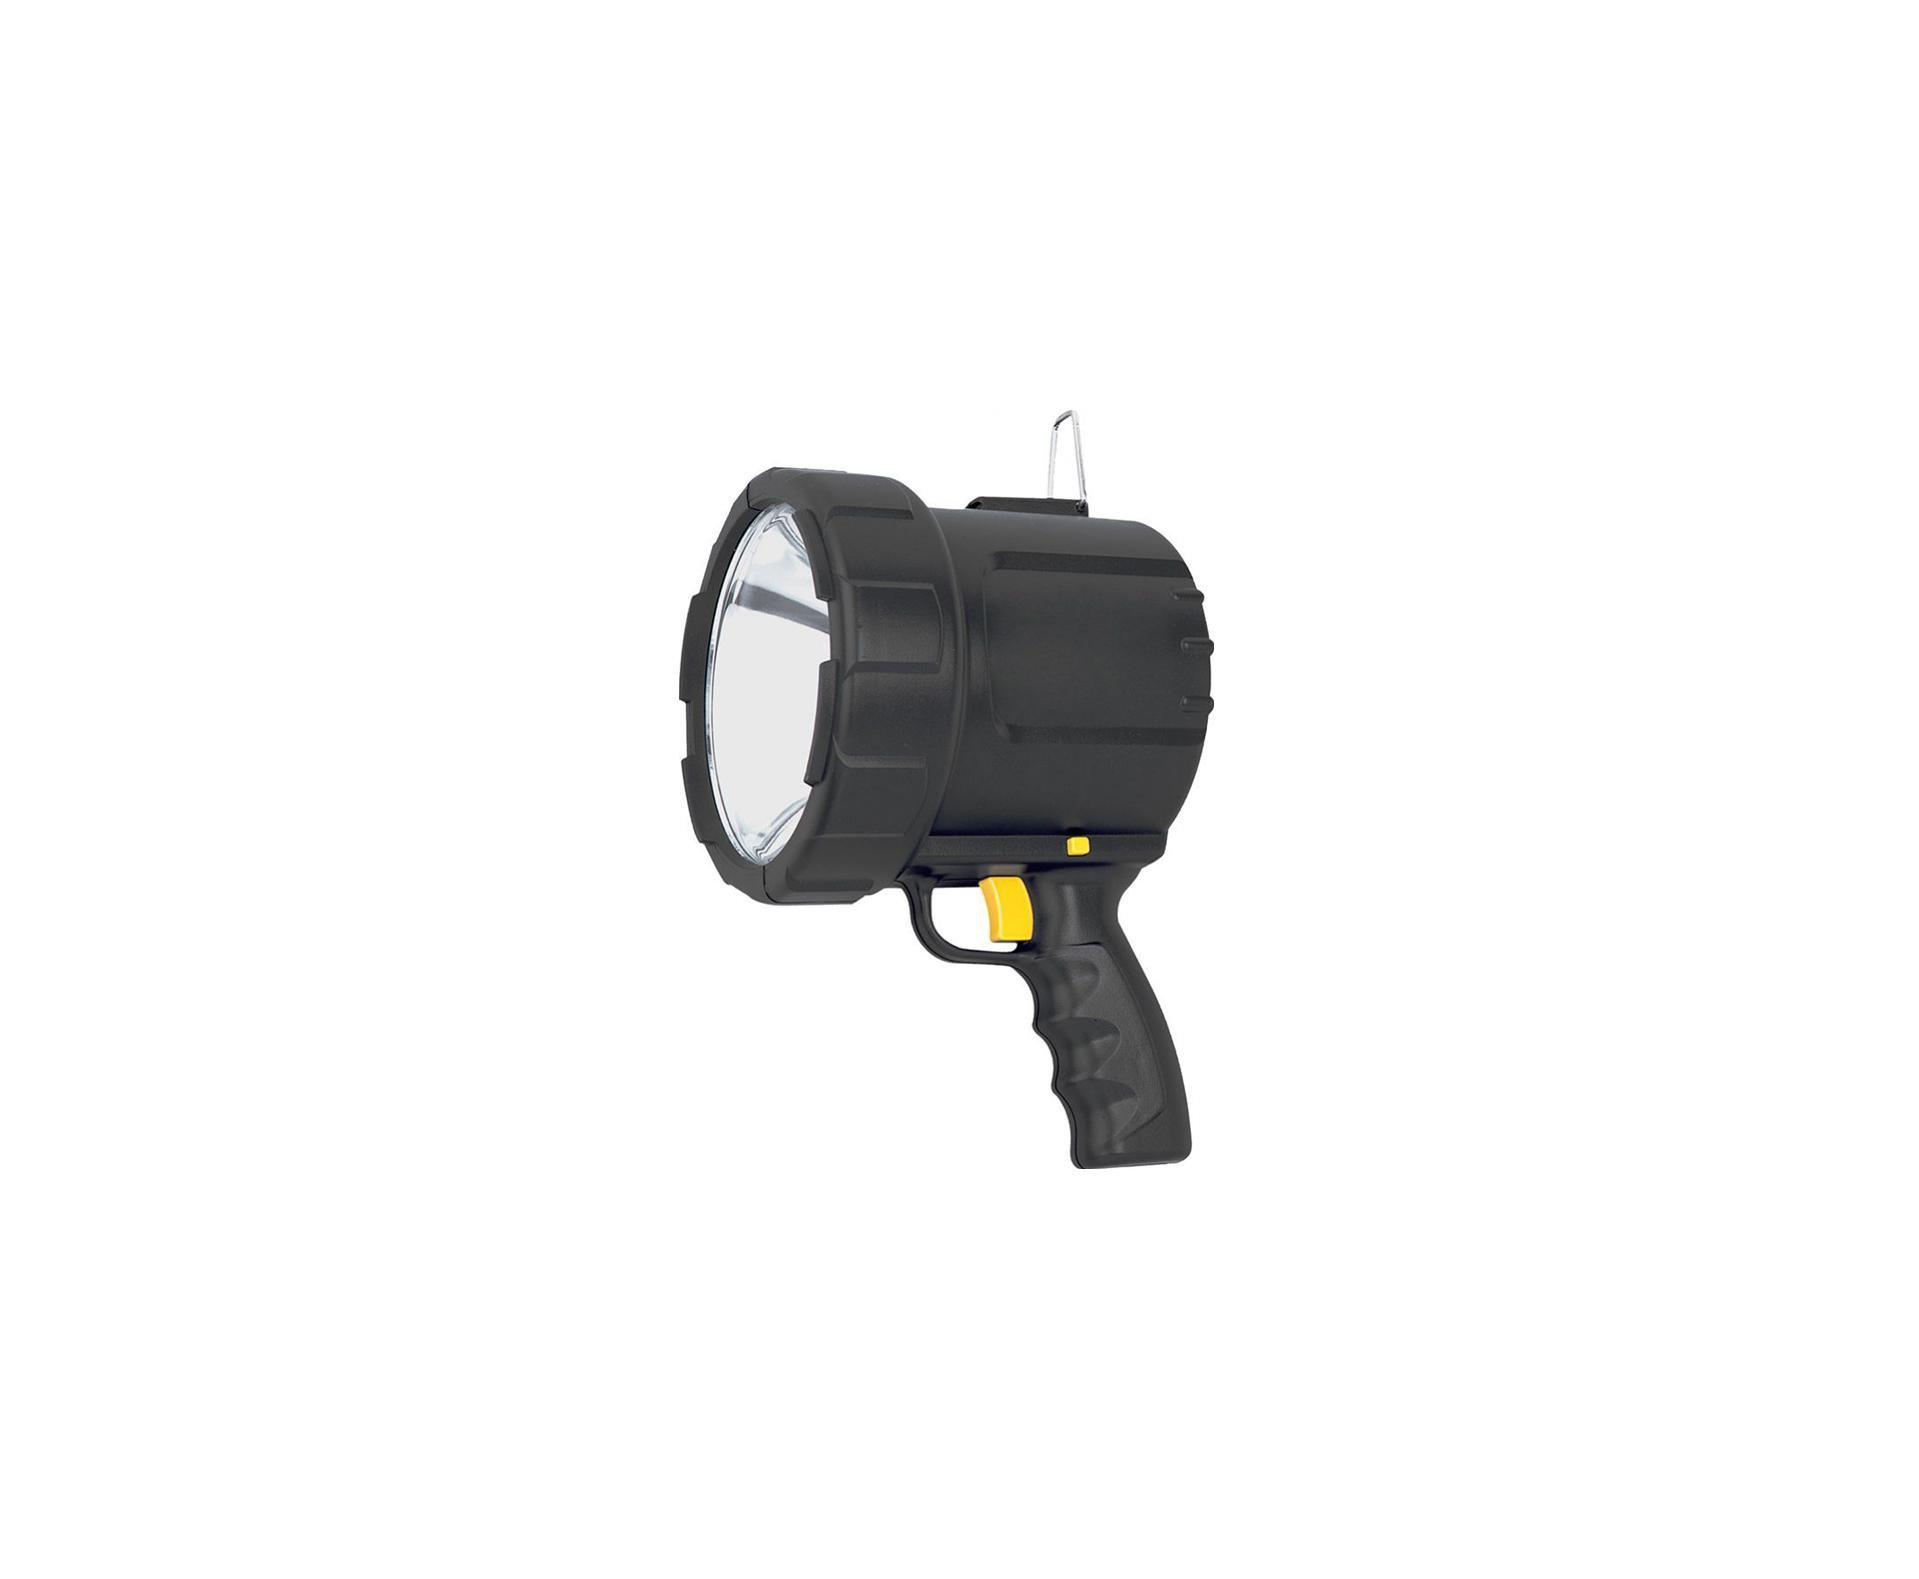 Lanterna Super Tocha 12v Tatico 1.500.00 Velas - Nautika